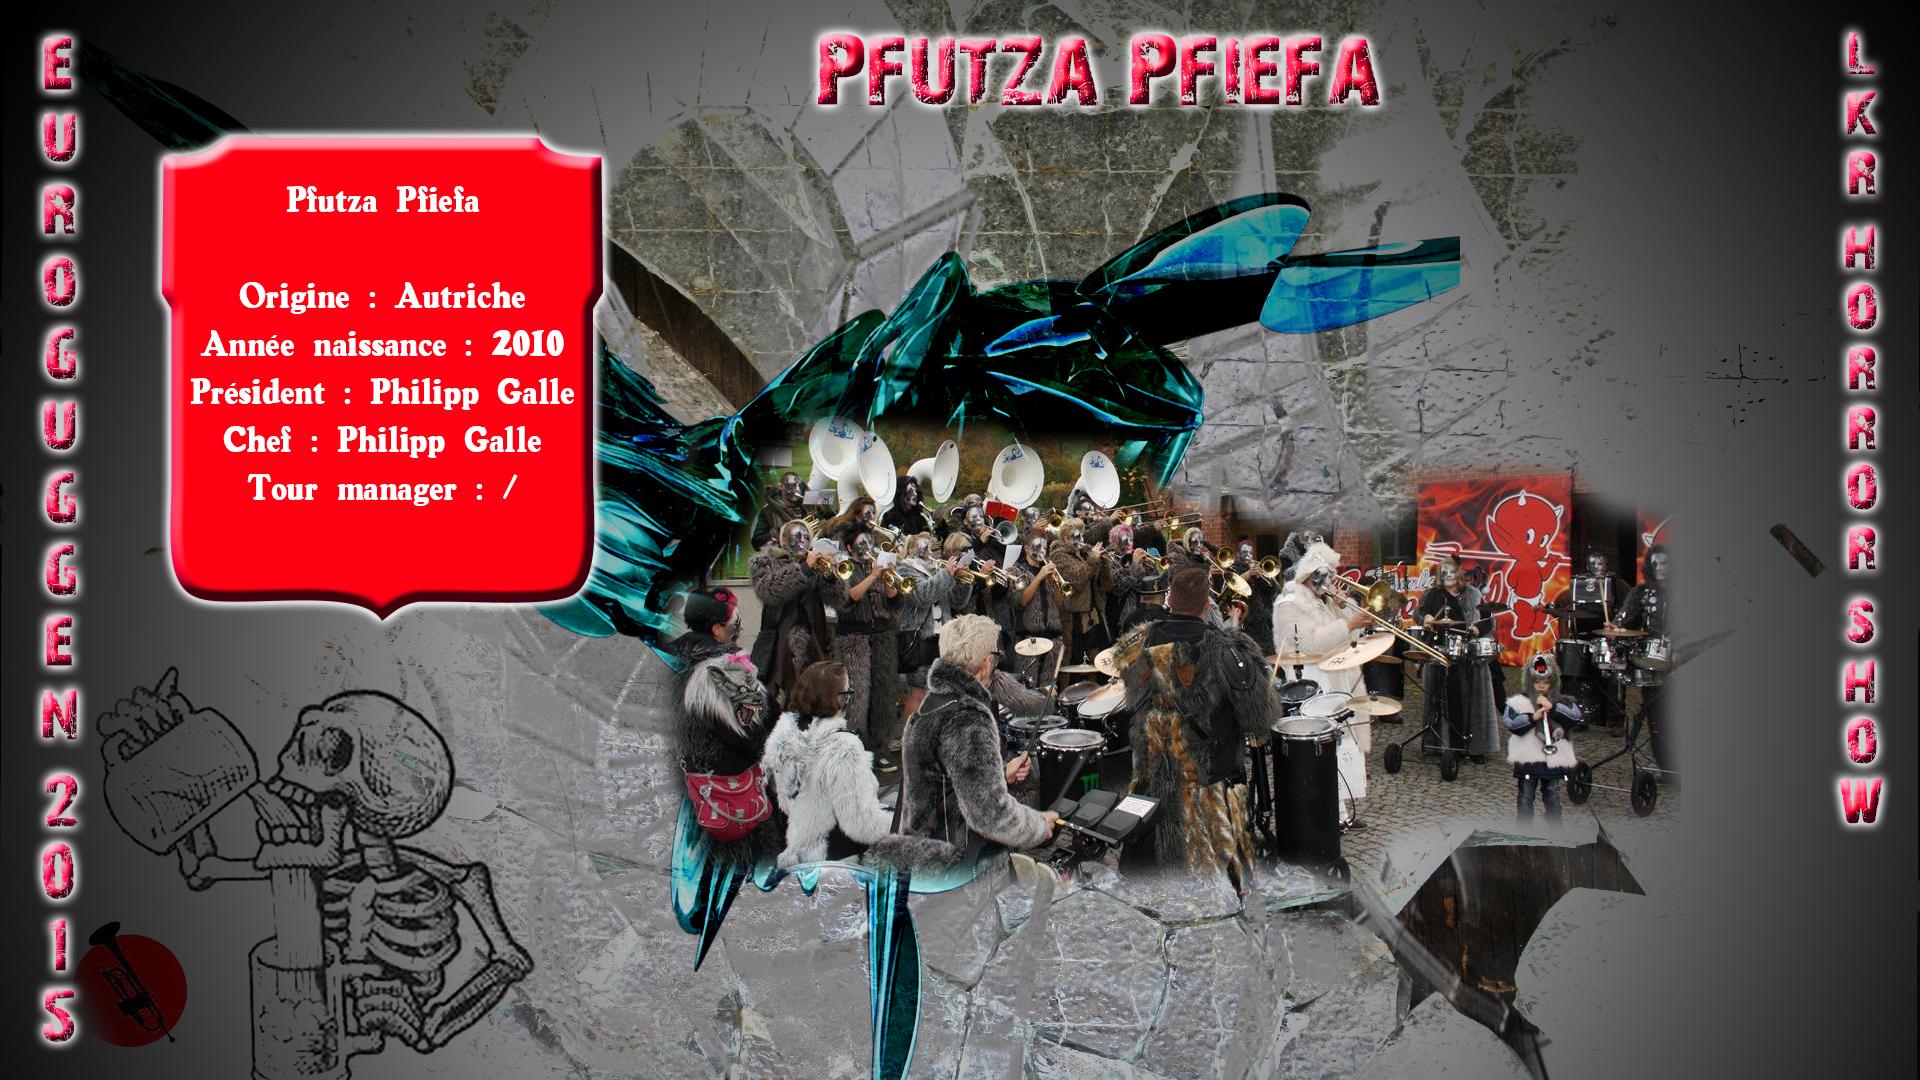 Pfutza Pfiefa